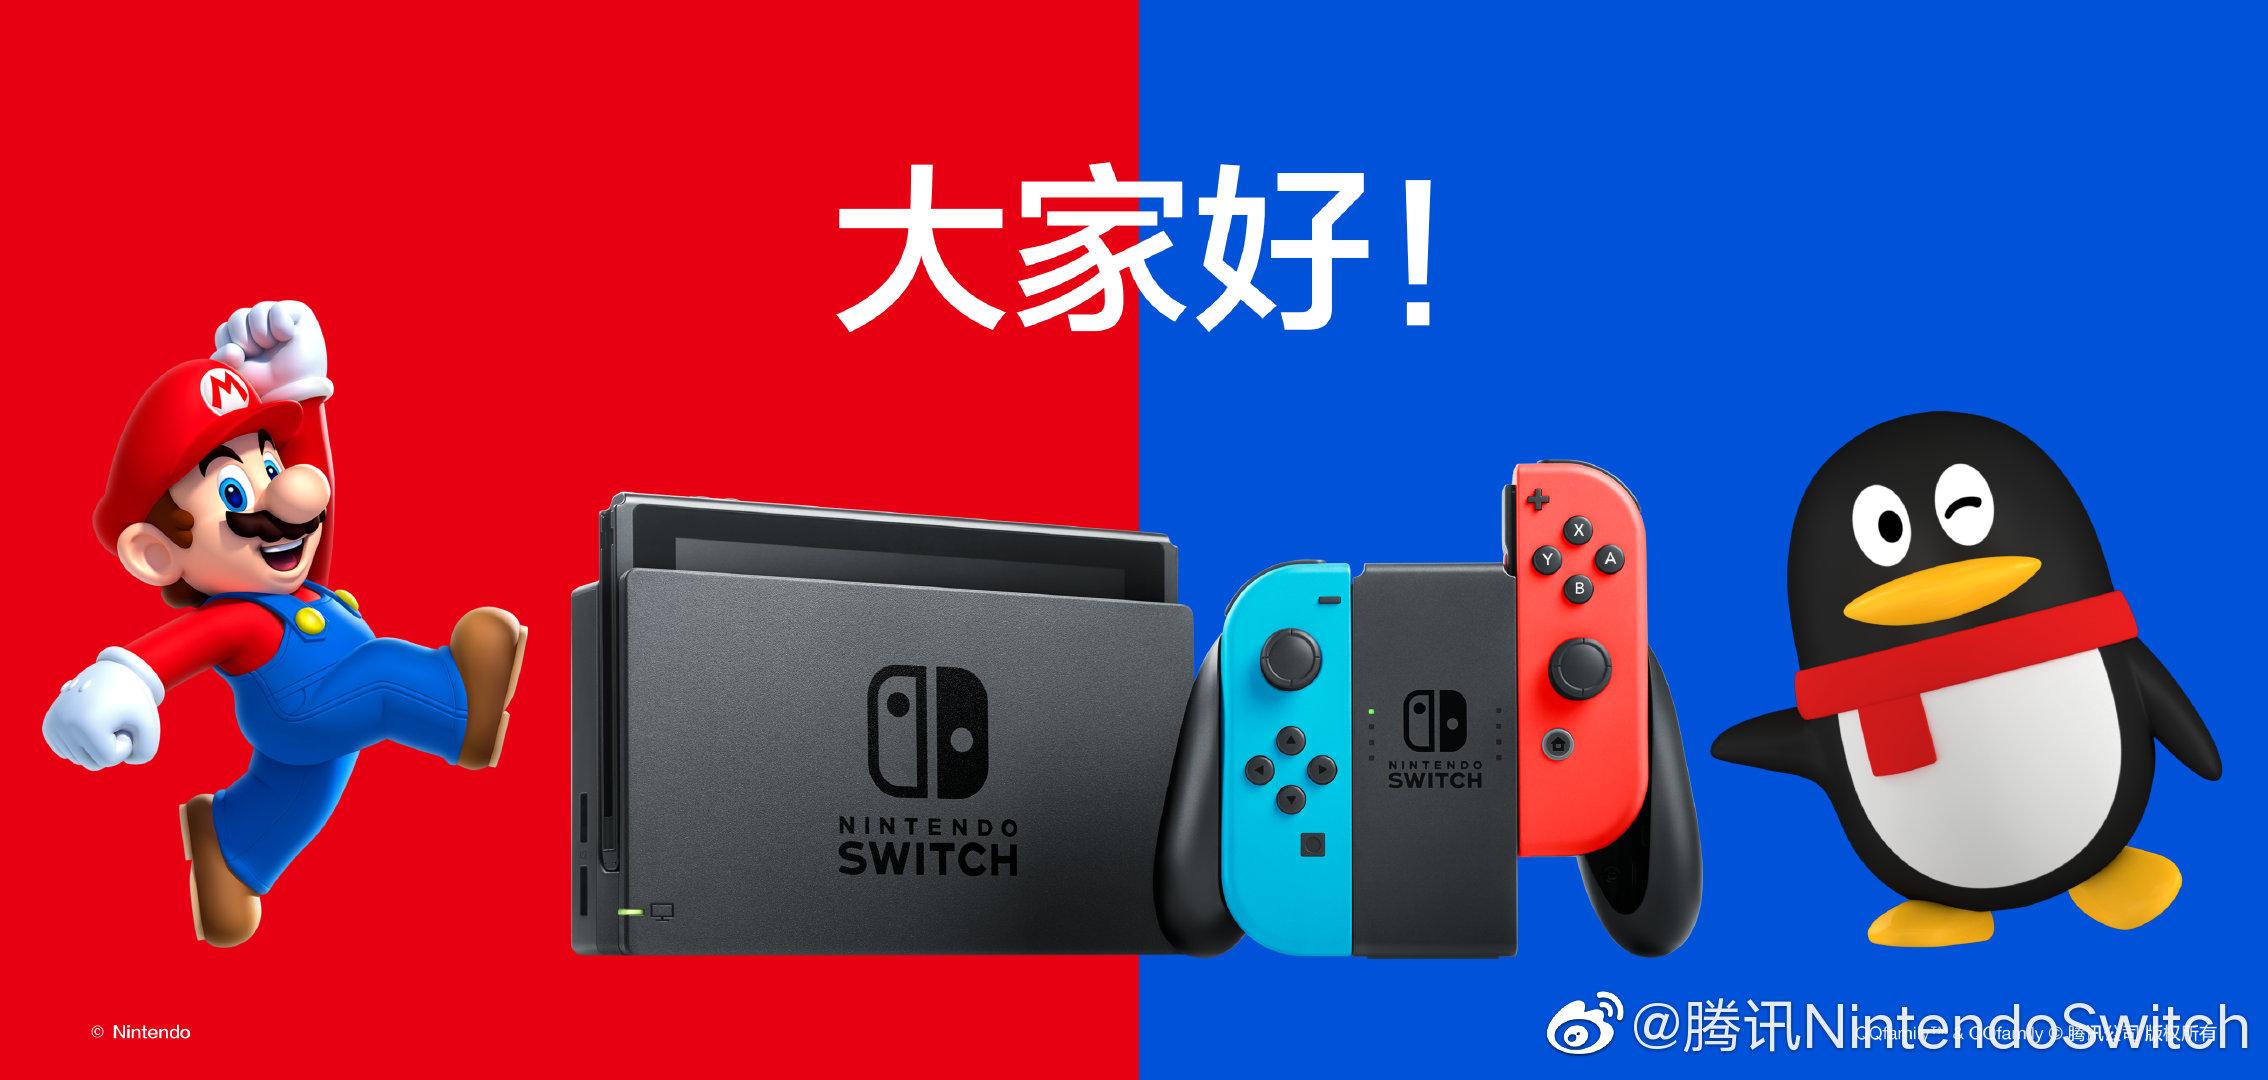 【更新】騰訊放出Nintendo Switch中文介紹視頻